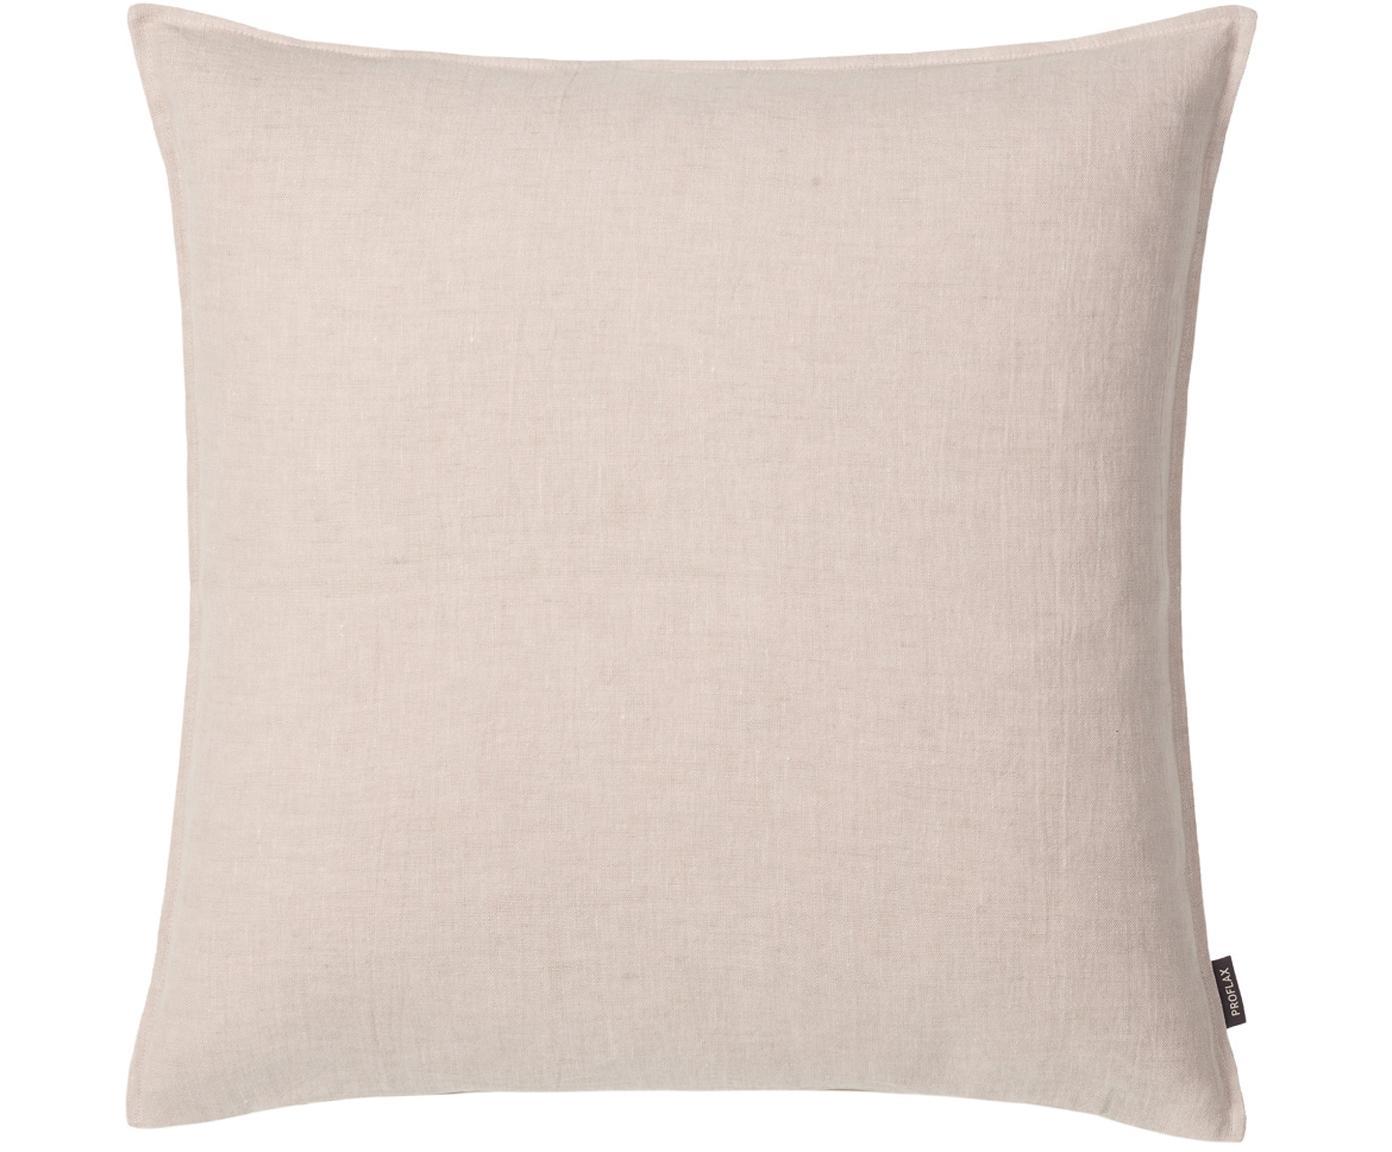 Federa arredo in lino lavato beige Sven, 100% lino, Beige, Larg. 60 x Lung. 60 cm